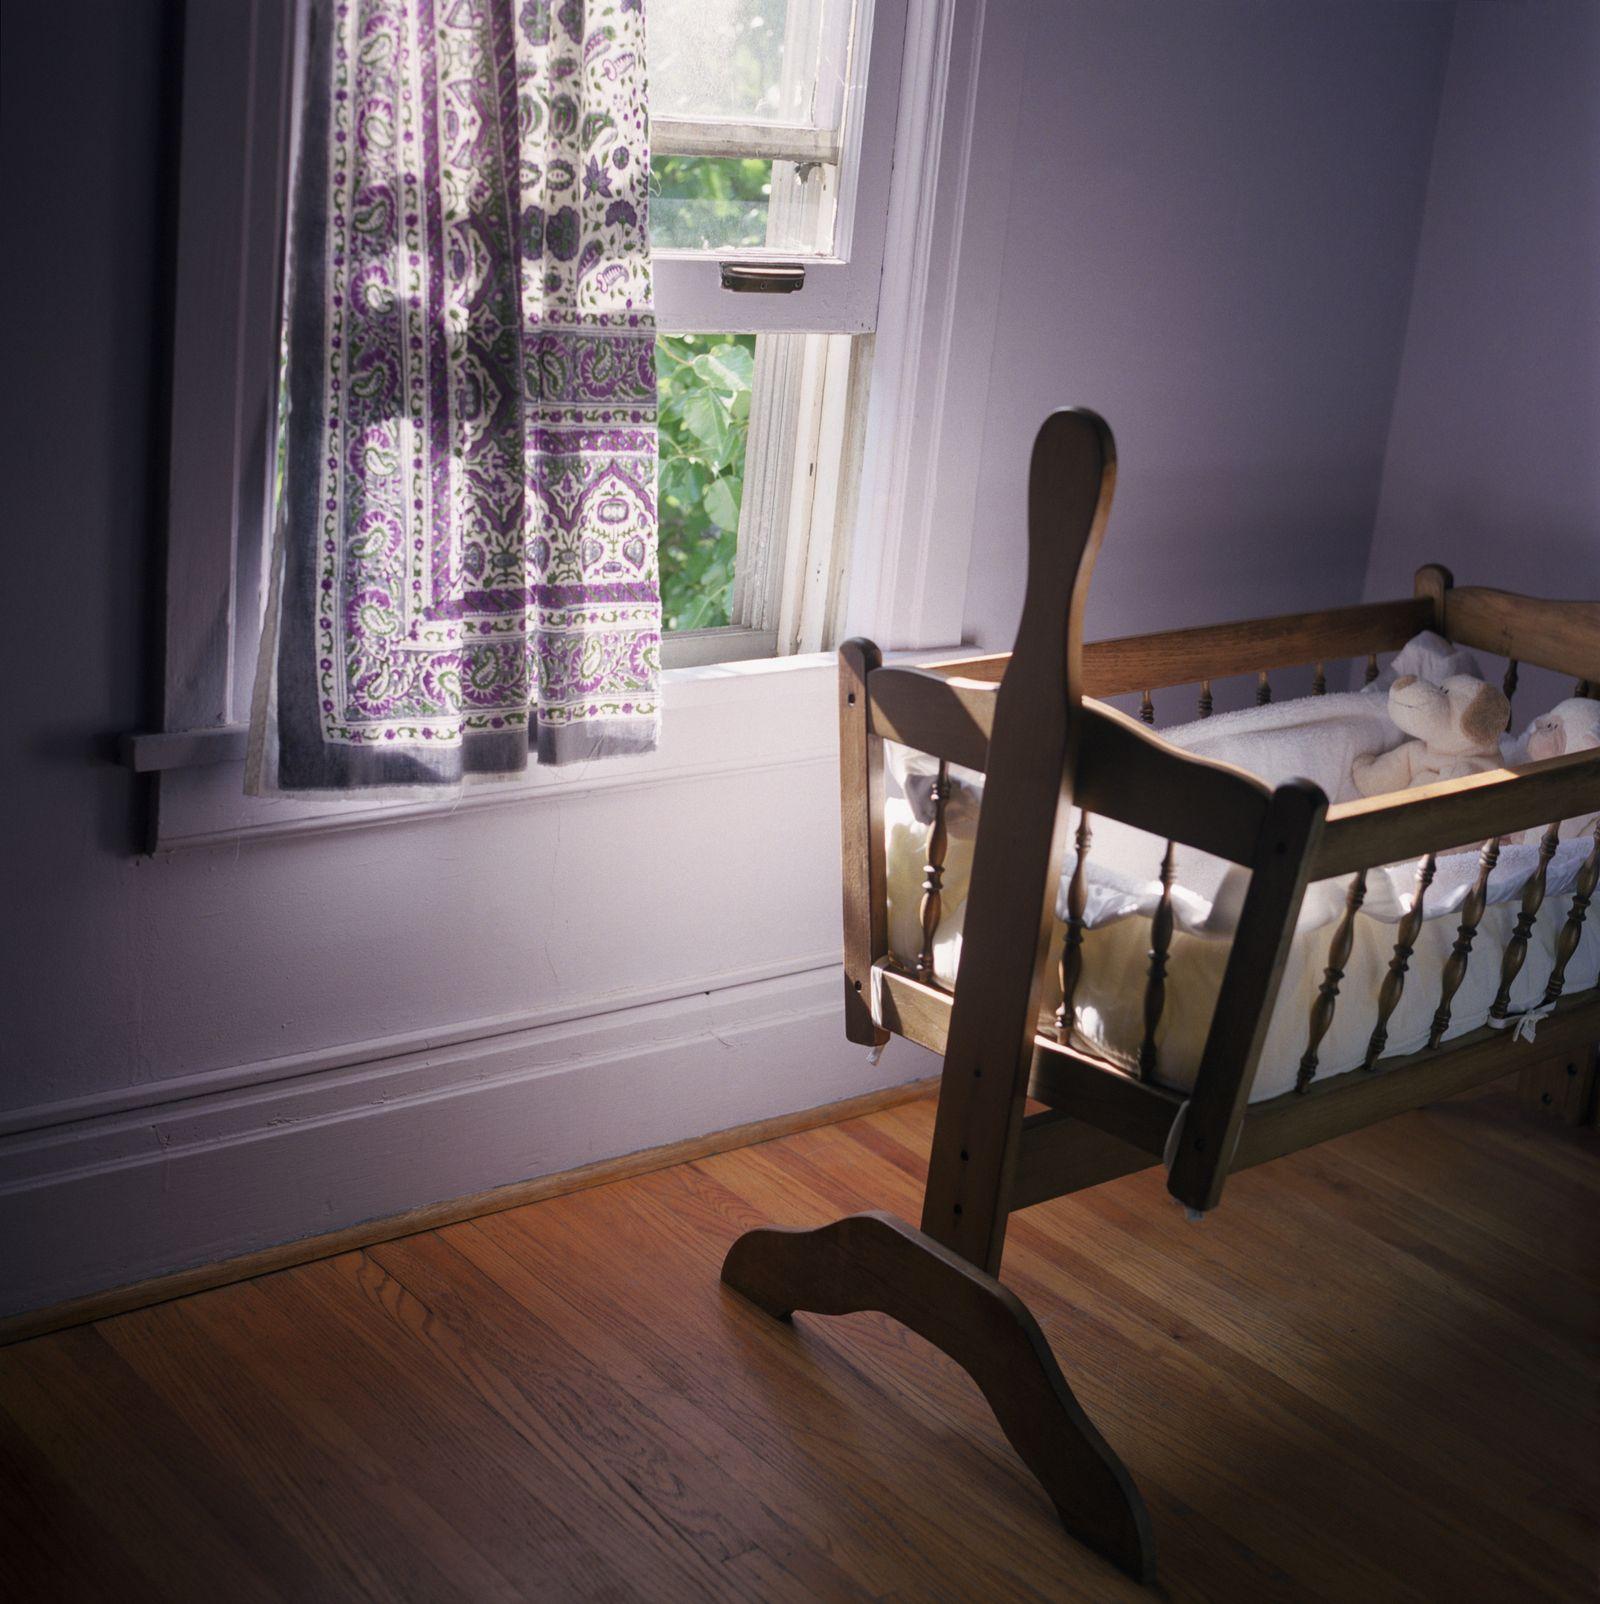 Full Size of Spiegel Kinderzimmer Unbekannter Hackt Baby Kamera In Der Sofa Wandspiegel Bad Spiegelschrank Badezimmer Mit Beleuchtung Led Spiegelleuchte Regal Spiegellampe Kinderzimmer Spiegel Kinderzimmer